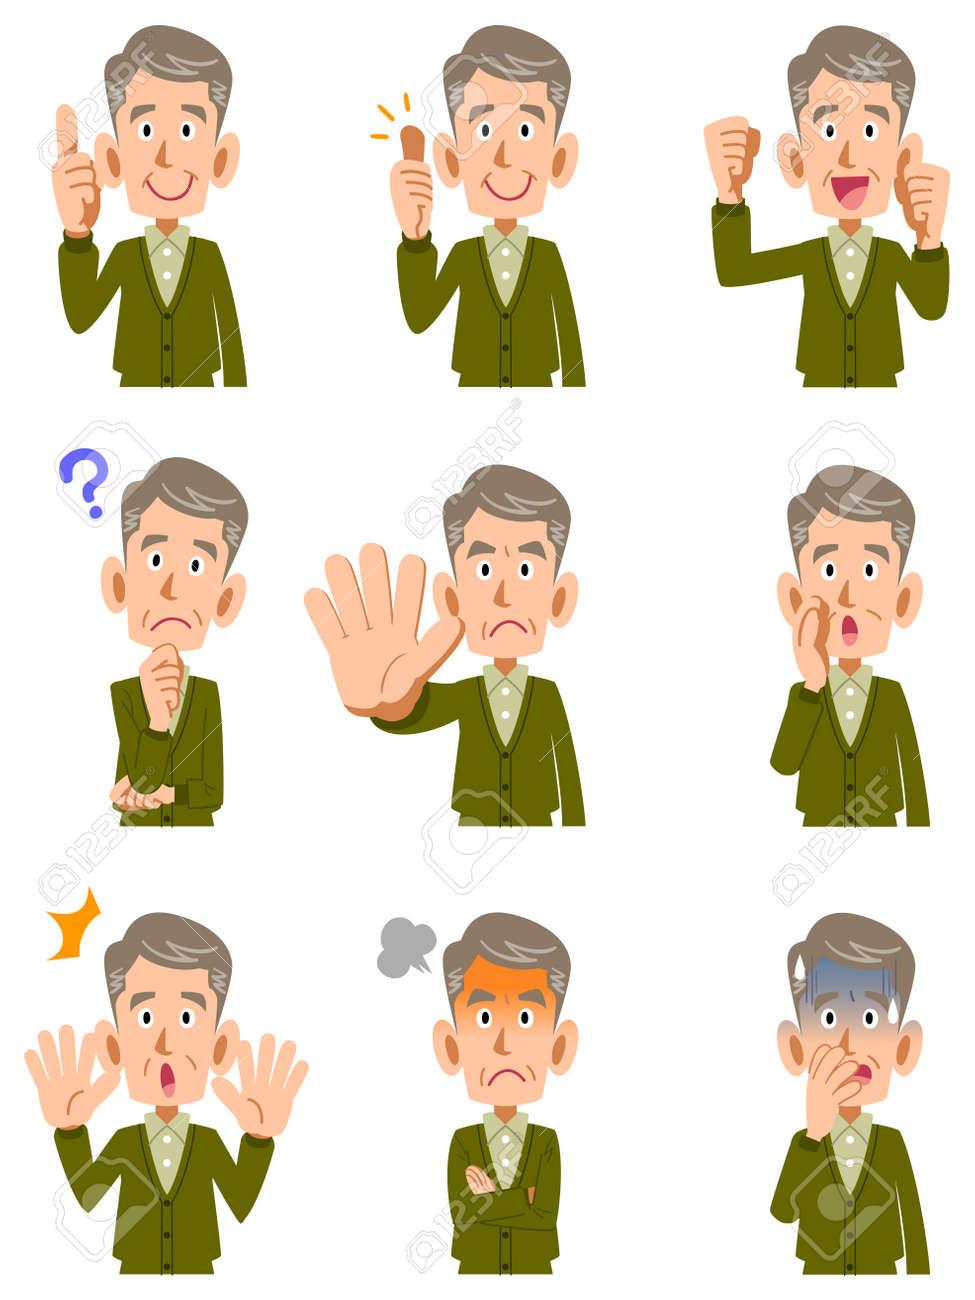 中年男性の様々 な表現のイラスト素材ベクタ Image 53597582